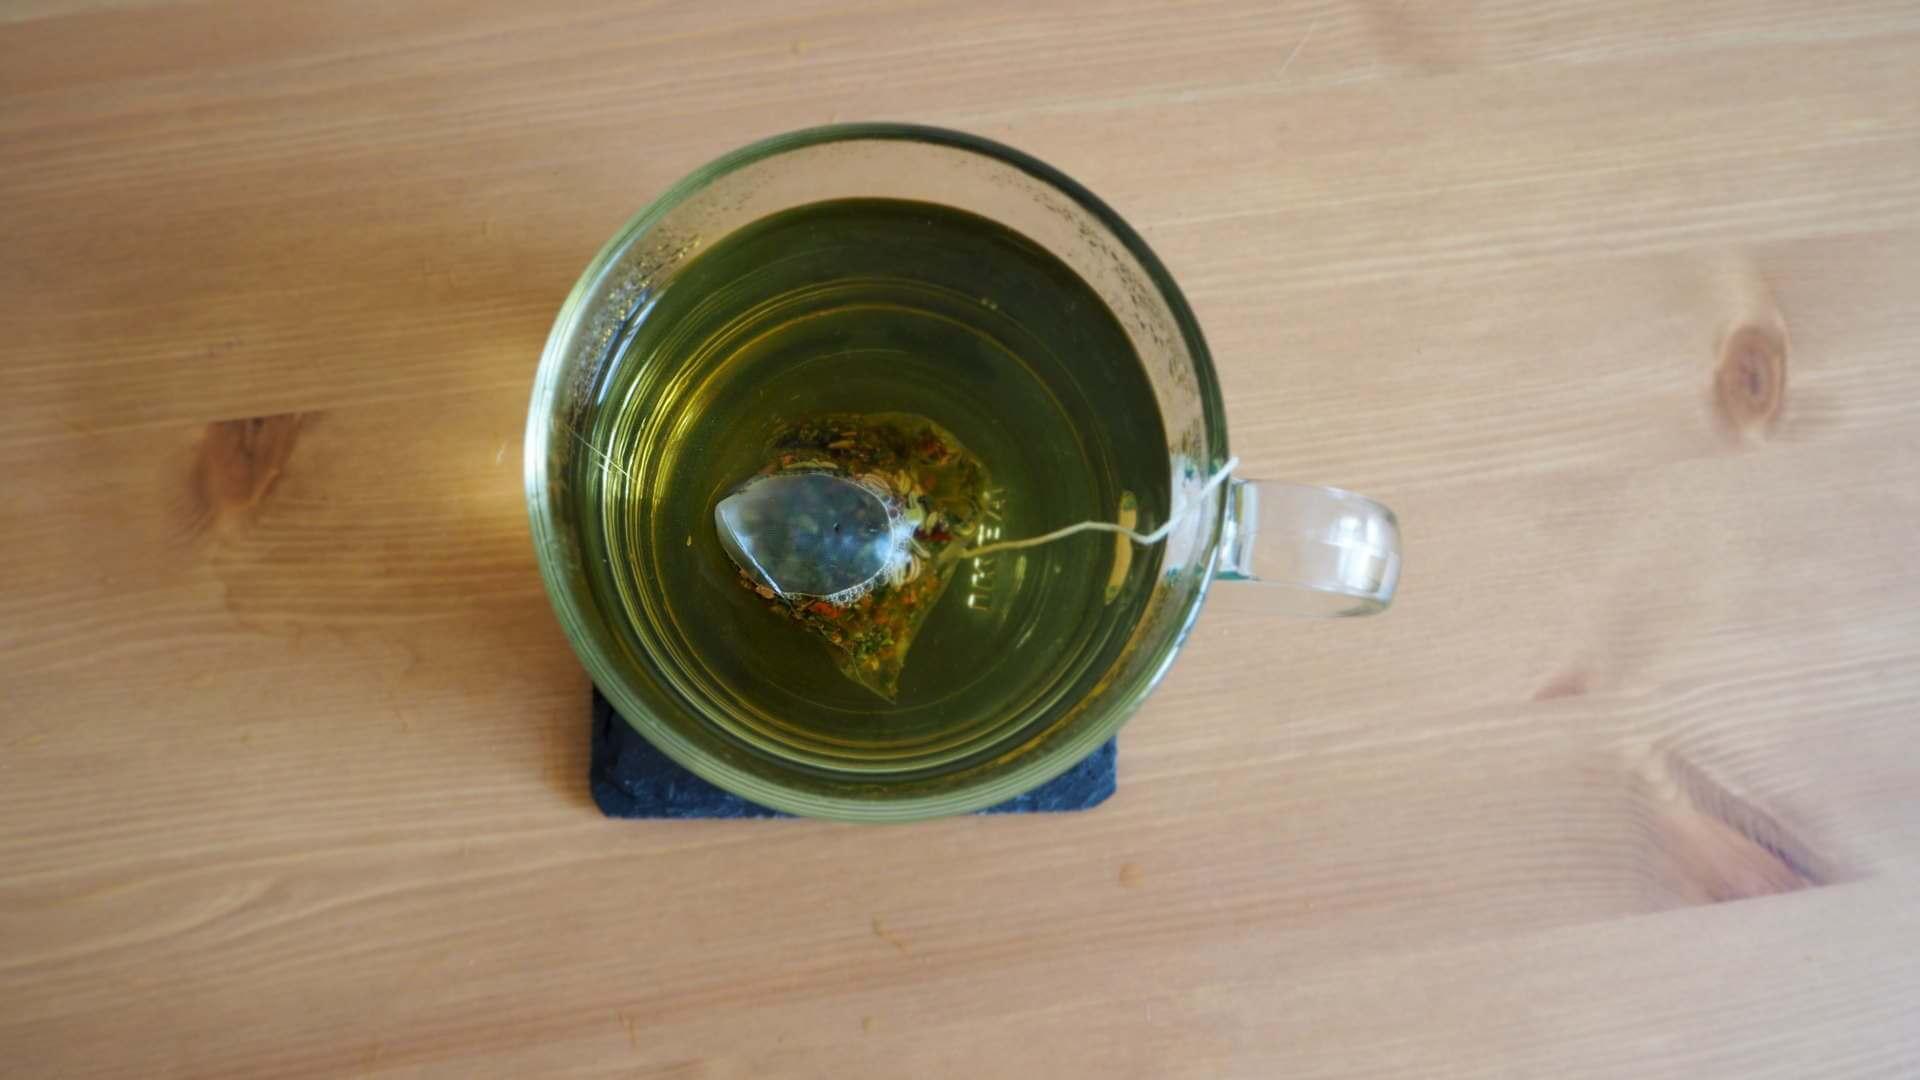 Einschlafhilfe - Tee in der Tasse